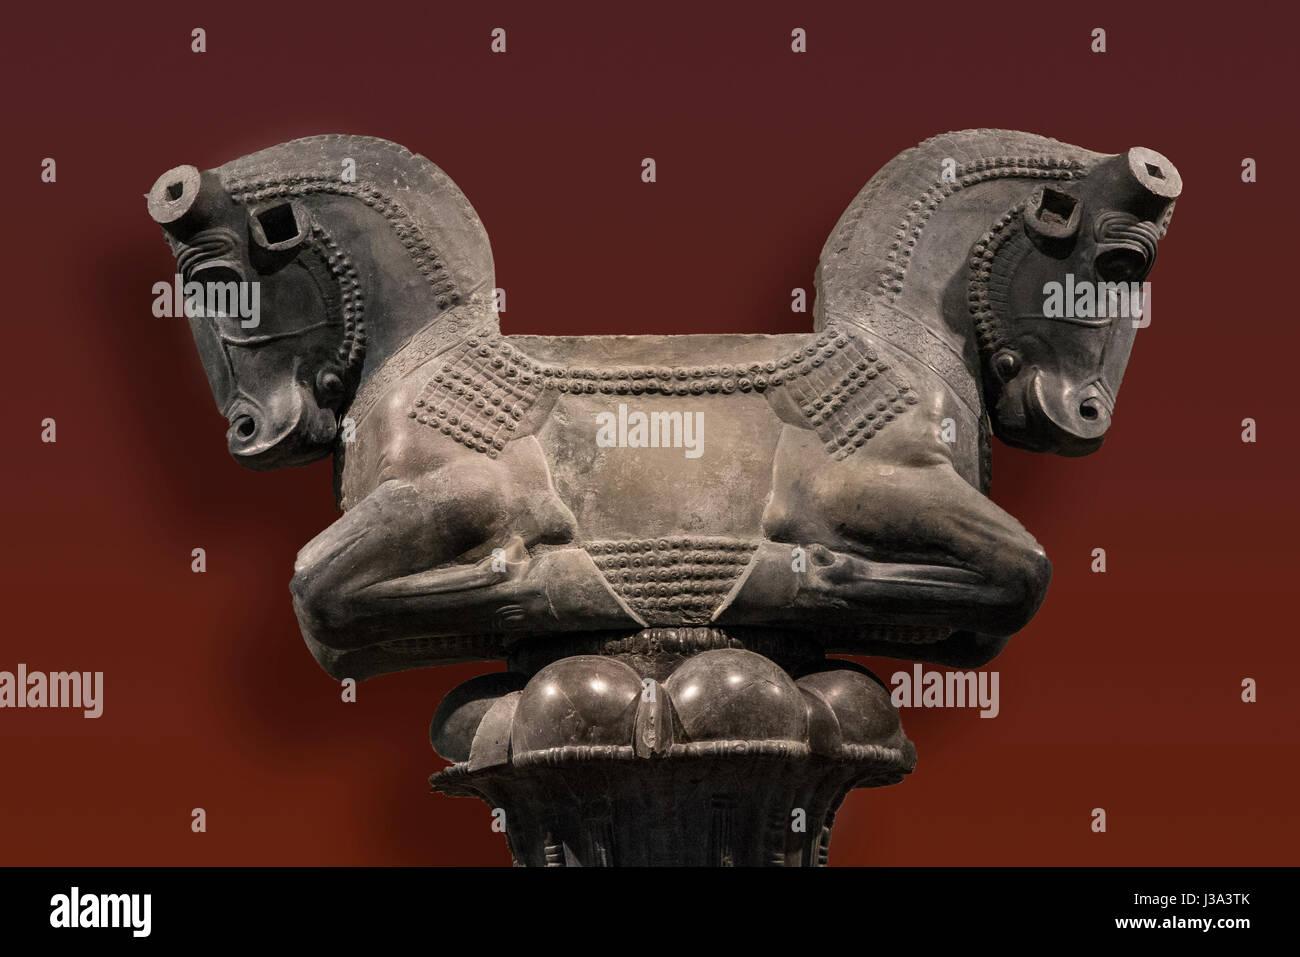 Bull tuteur de Persepolis Musée archéologique de l'Université de Chicago Photo Stock